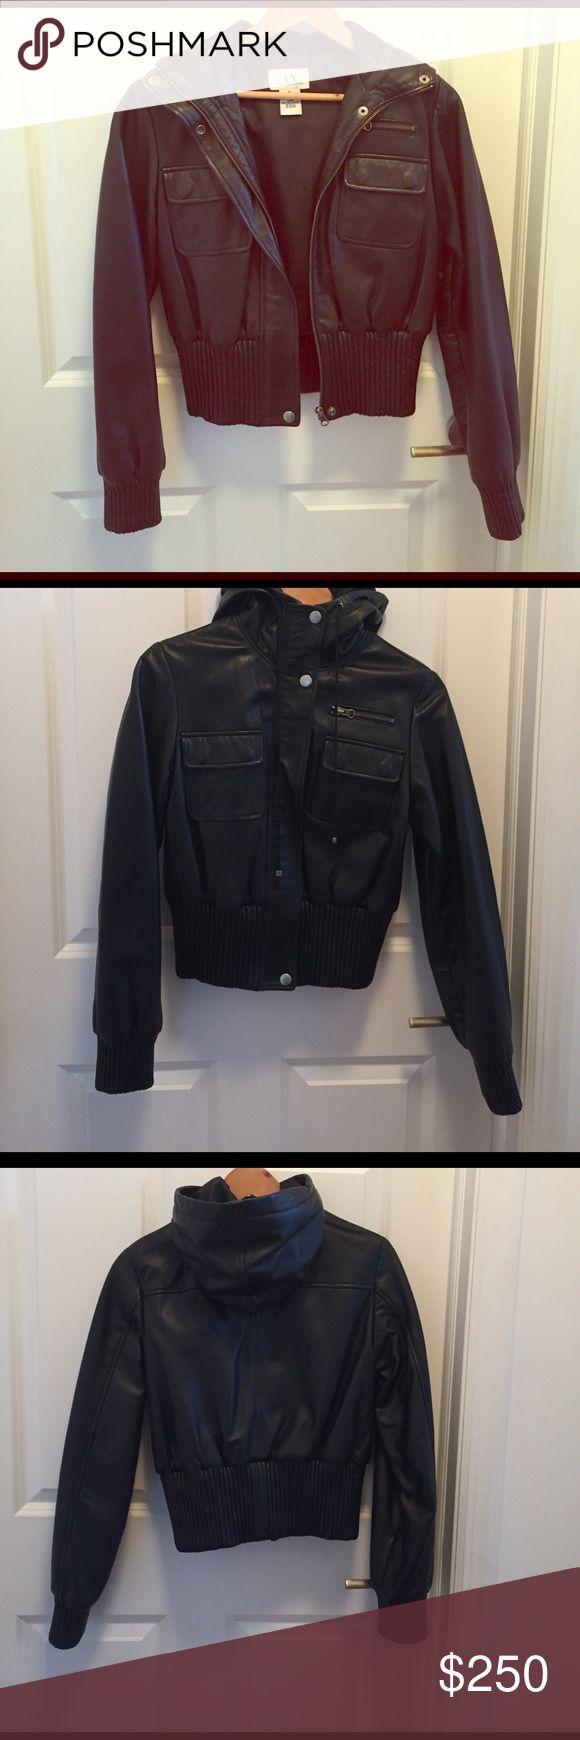 Armani Exchange Leather Coat with hood A|X Armani Exchange Leather jacket with hood size small A/X Armani Exchange Jackets & Coats